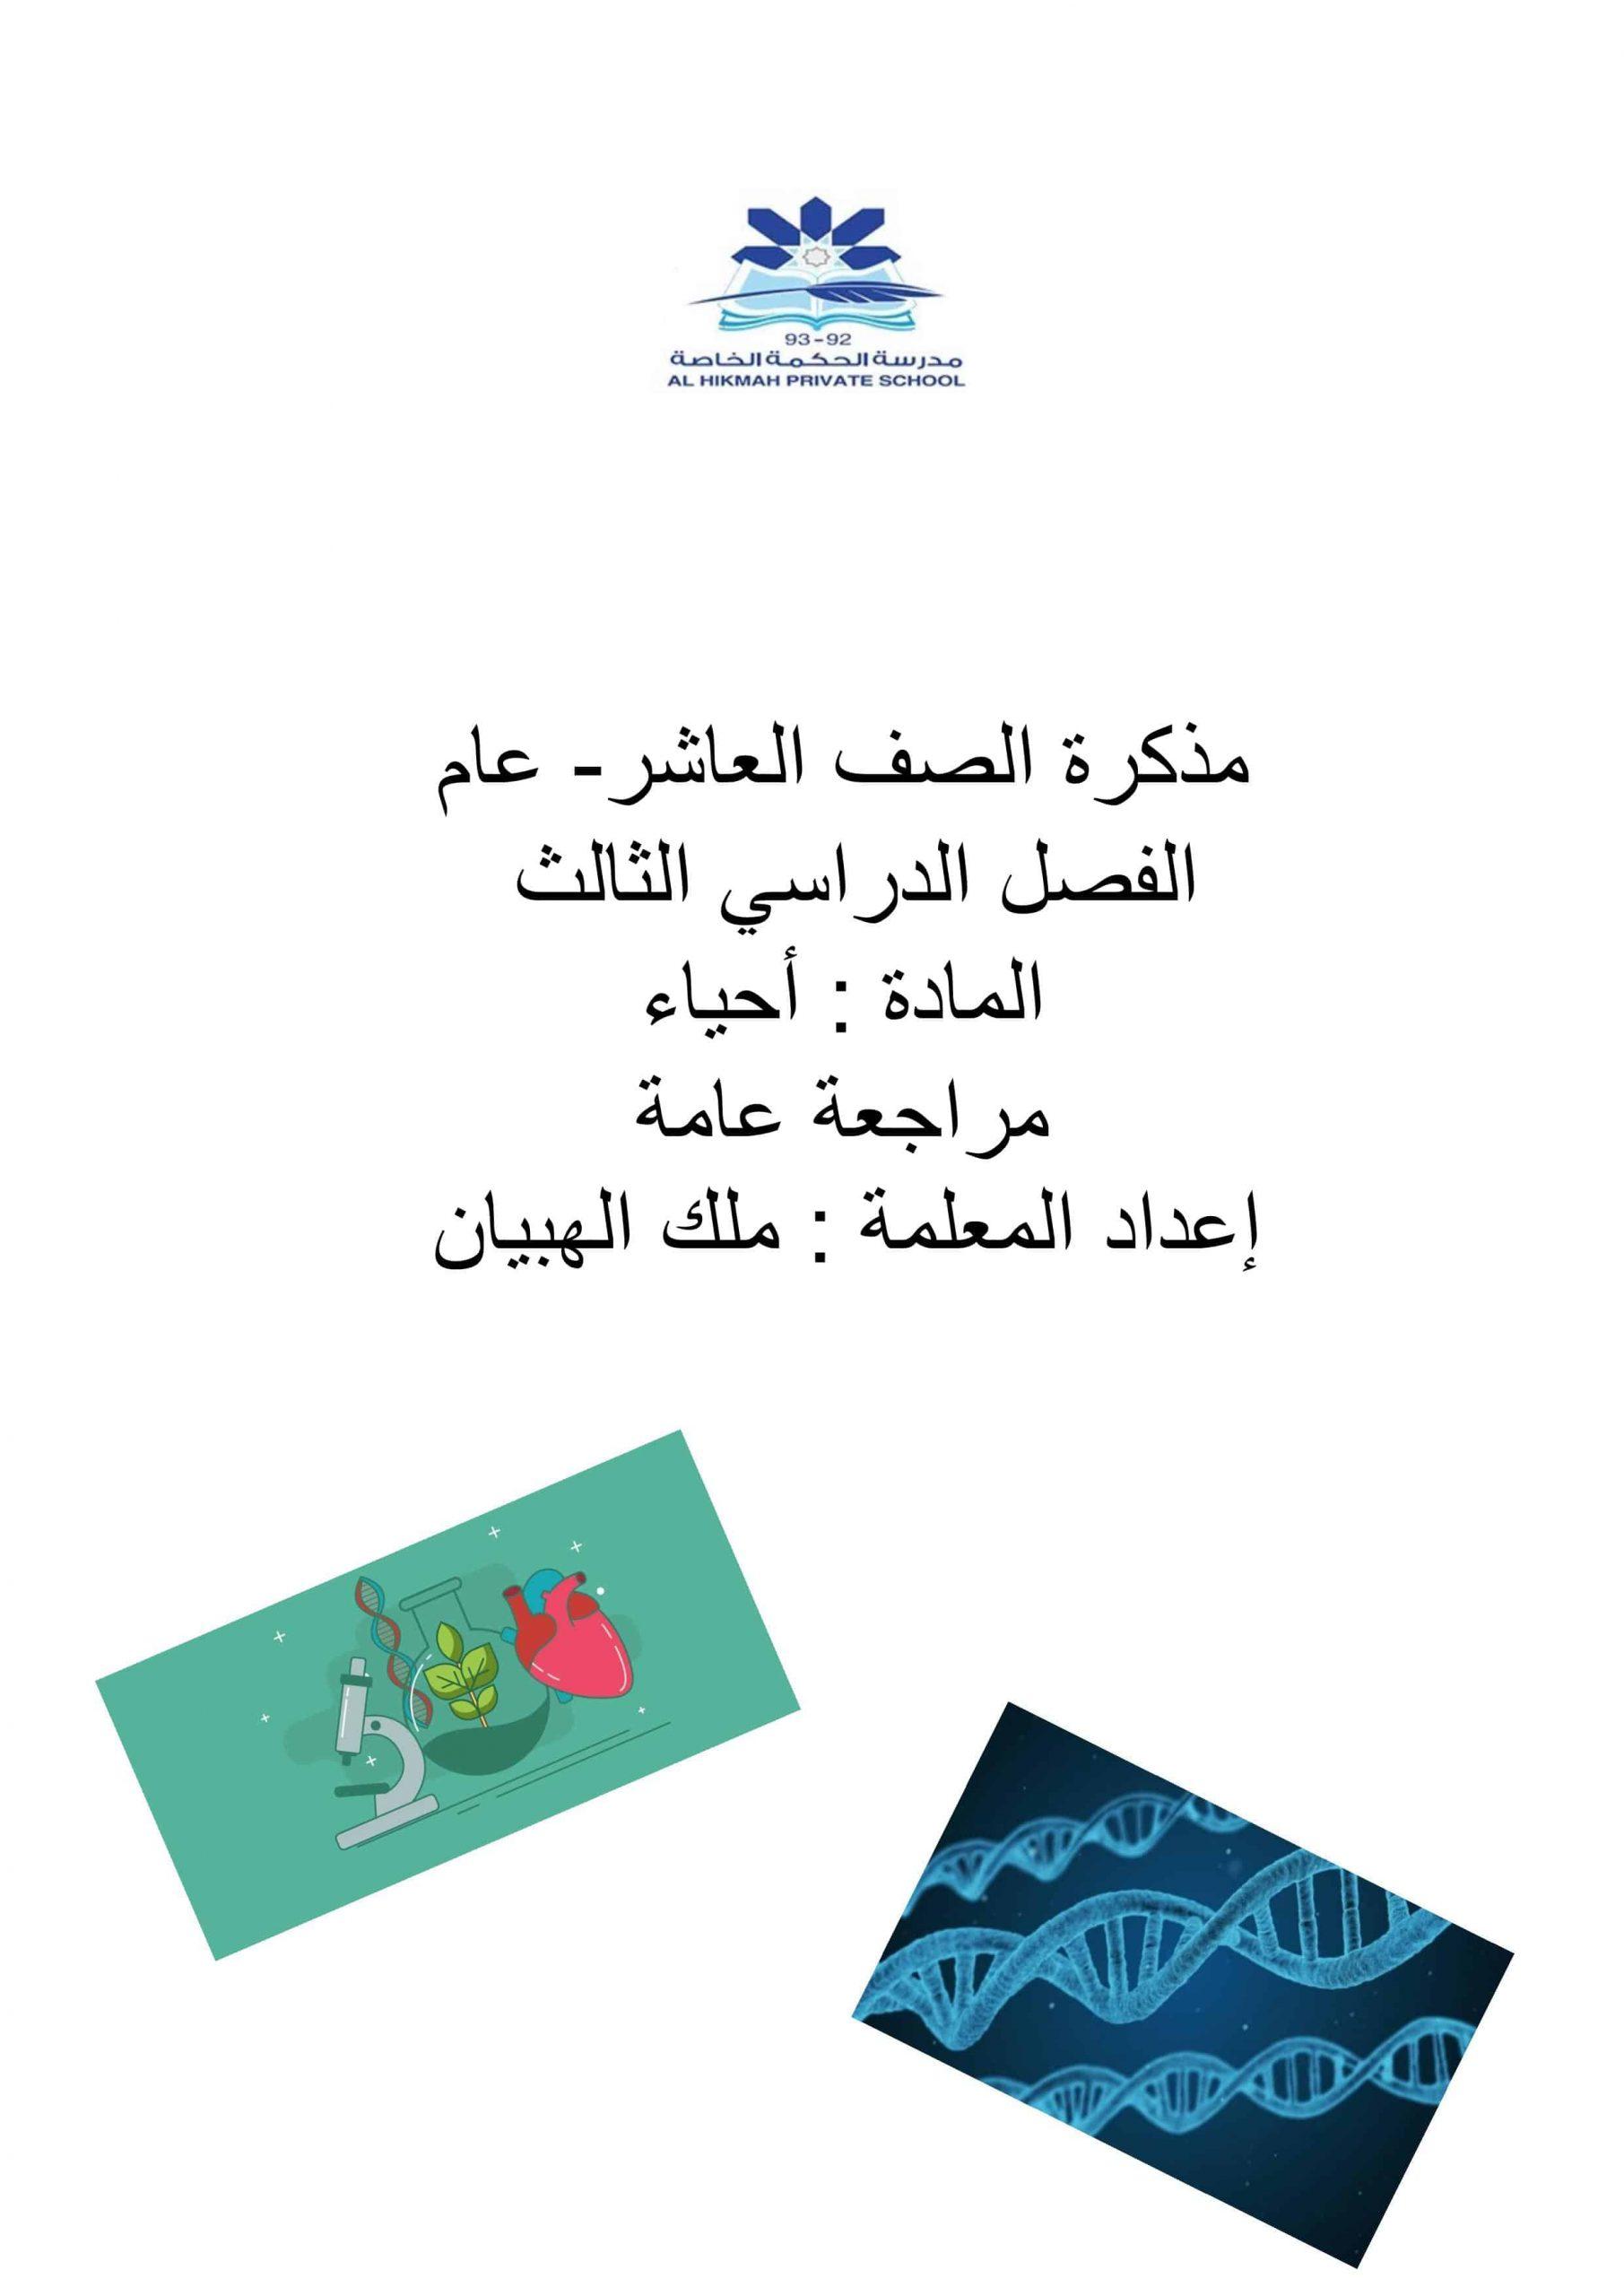 حل أوراق عمل مراجعة عامة الصف العاشر عام مادة الأحياء